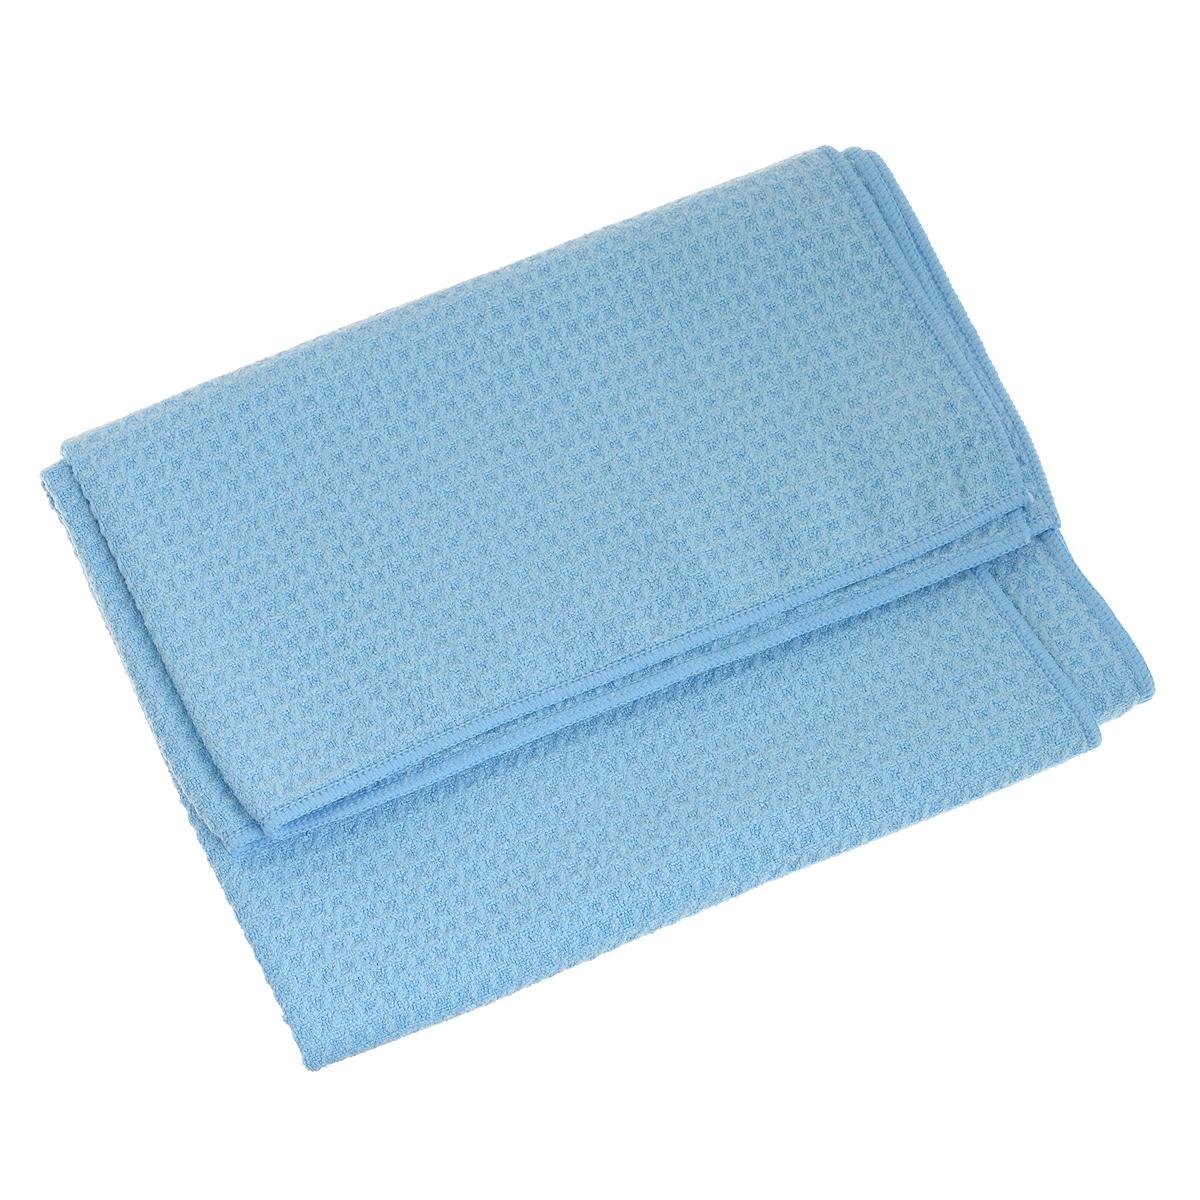 Салфетка универсальная Bioclean Waffeltuch, цвет: голубой, 50 см х 70 см086Салфетка Bioclean Waffeltuch легко удаляет жирные загрязнения, грязь и воду. Вы можете использовать ее на кухне, в ванной комнате, мыть полы и окна, производить мойку и чистку автомобиля. Изделие не оставляет разводов и ворсинок, обладает высокой износоустойчивостью и рассчитано на многократное использование. Выдерживает не менее 500 стирок с любым порошком при температуре до 95°С. Состав: 80% полиэстер, 20% полиамид.